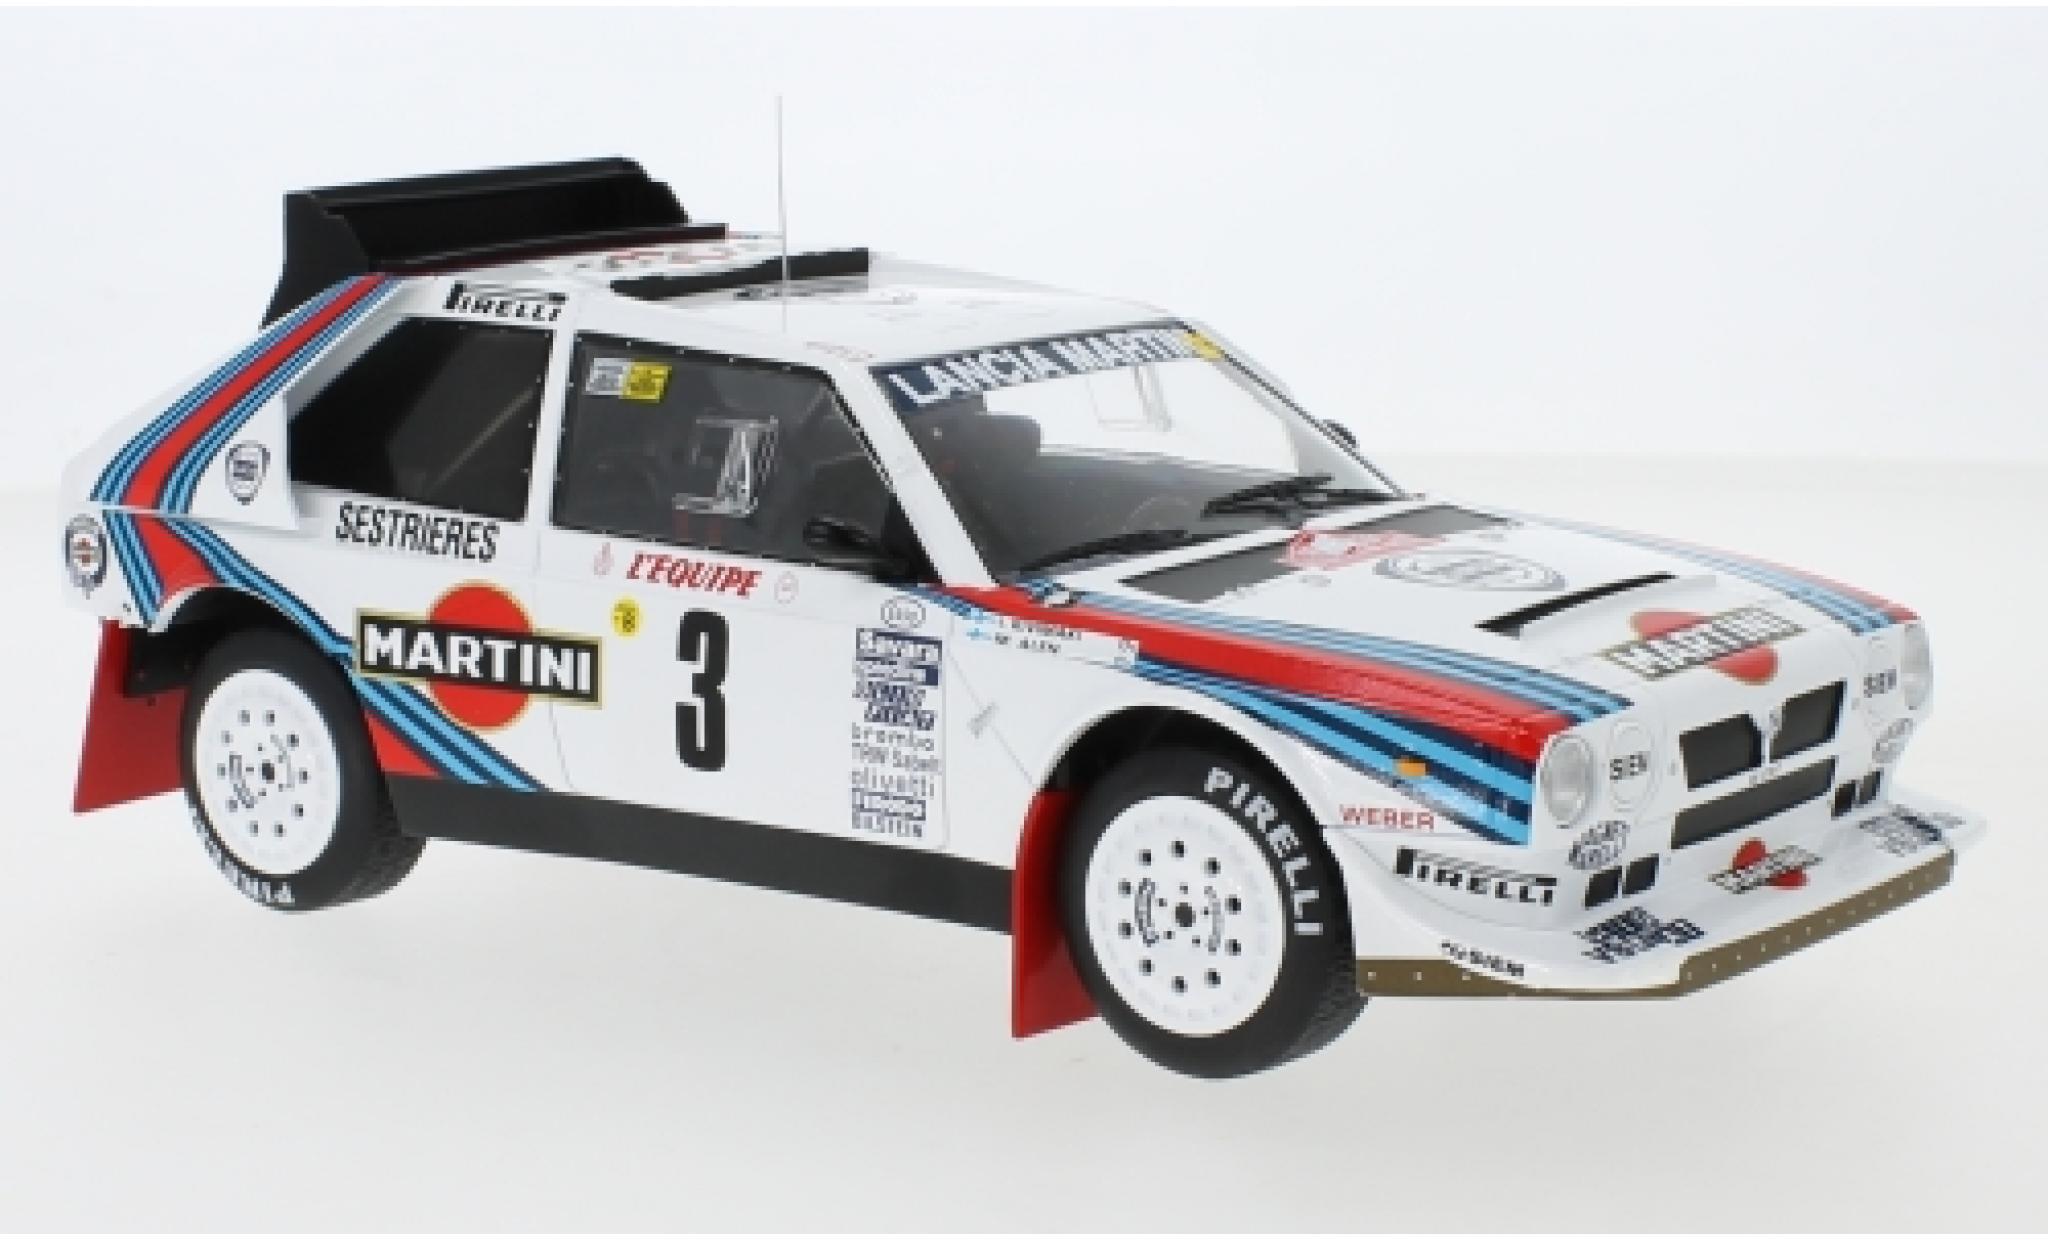 Lancia Delta 1/18 IXO S4 No.3 Martini Racing Martini Rally Monte Carlo 1986 M.Alen/I.Kivimäki